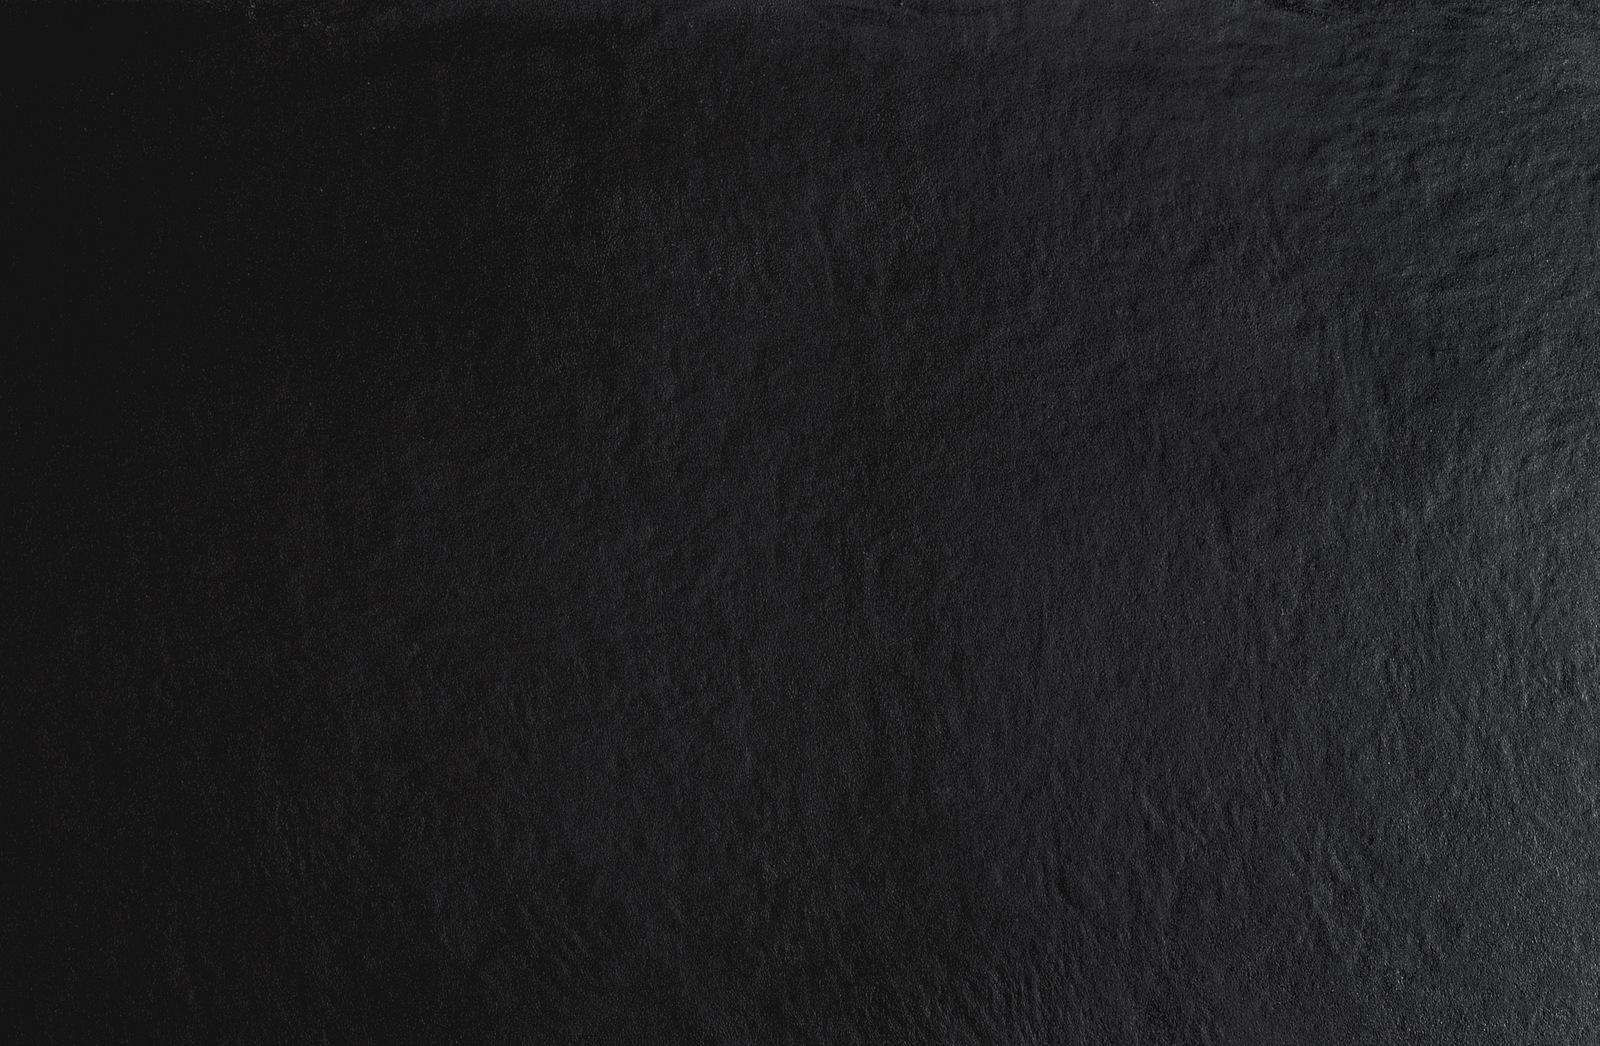 plan de travail sirius bordeaux hm deco. Black Bedroom Furniture Sets. Home Design Ideas